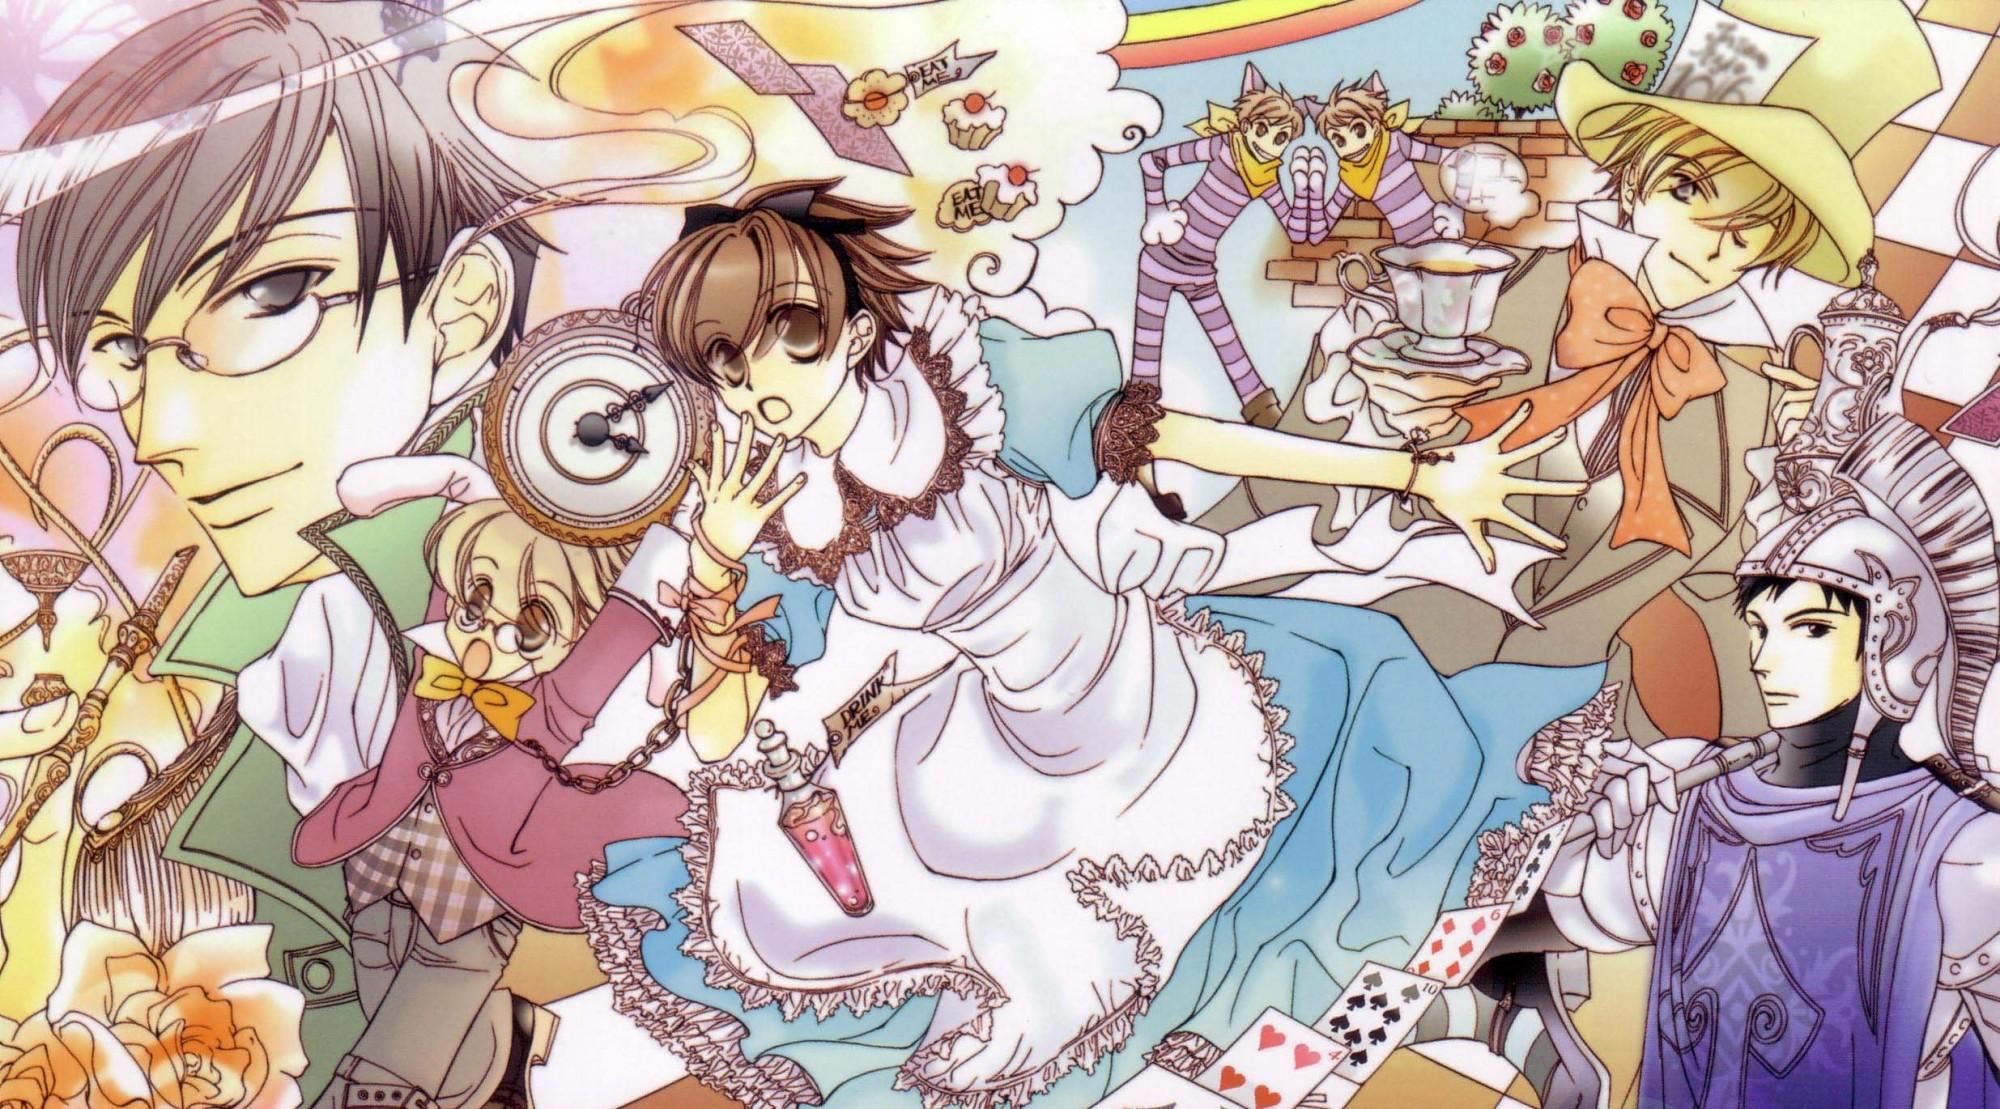 Ouran High School Host Club Wallpaper Zerochan Anime Image Board